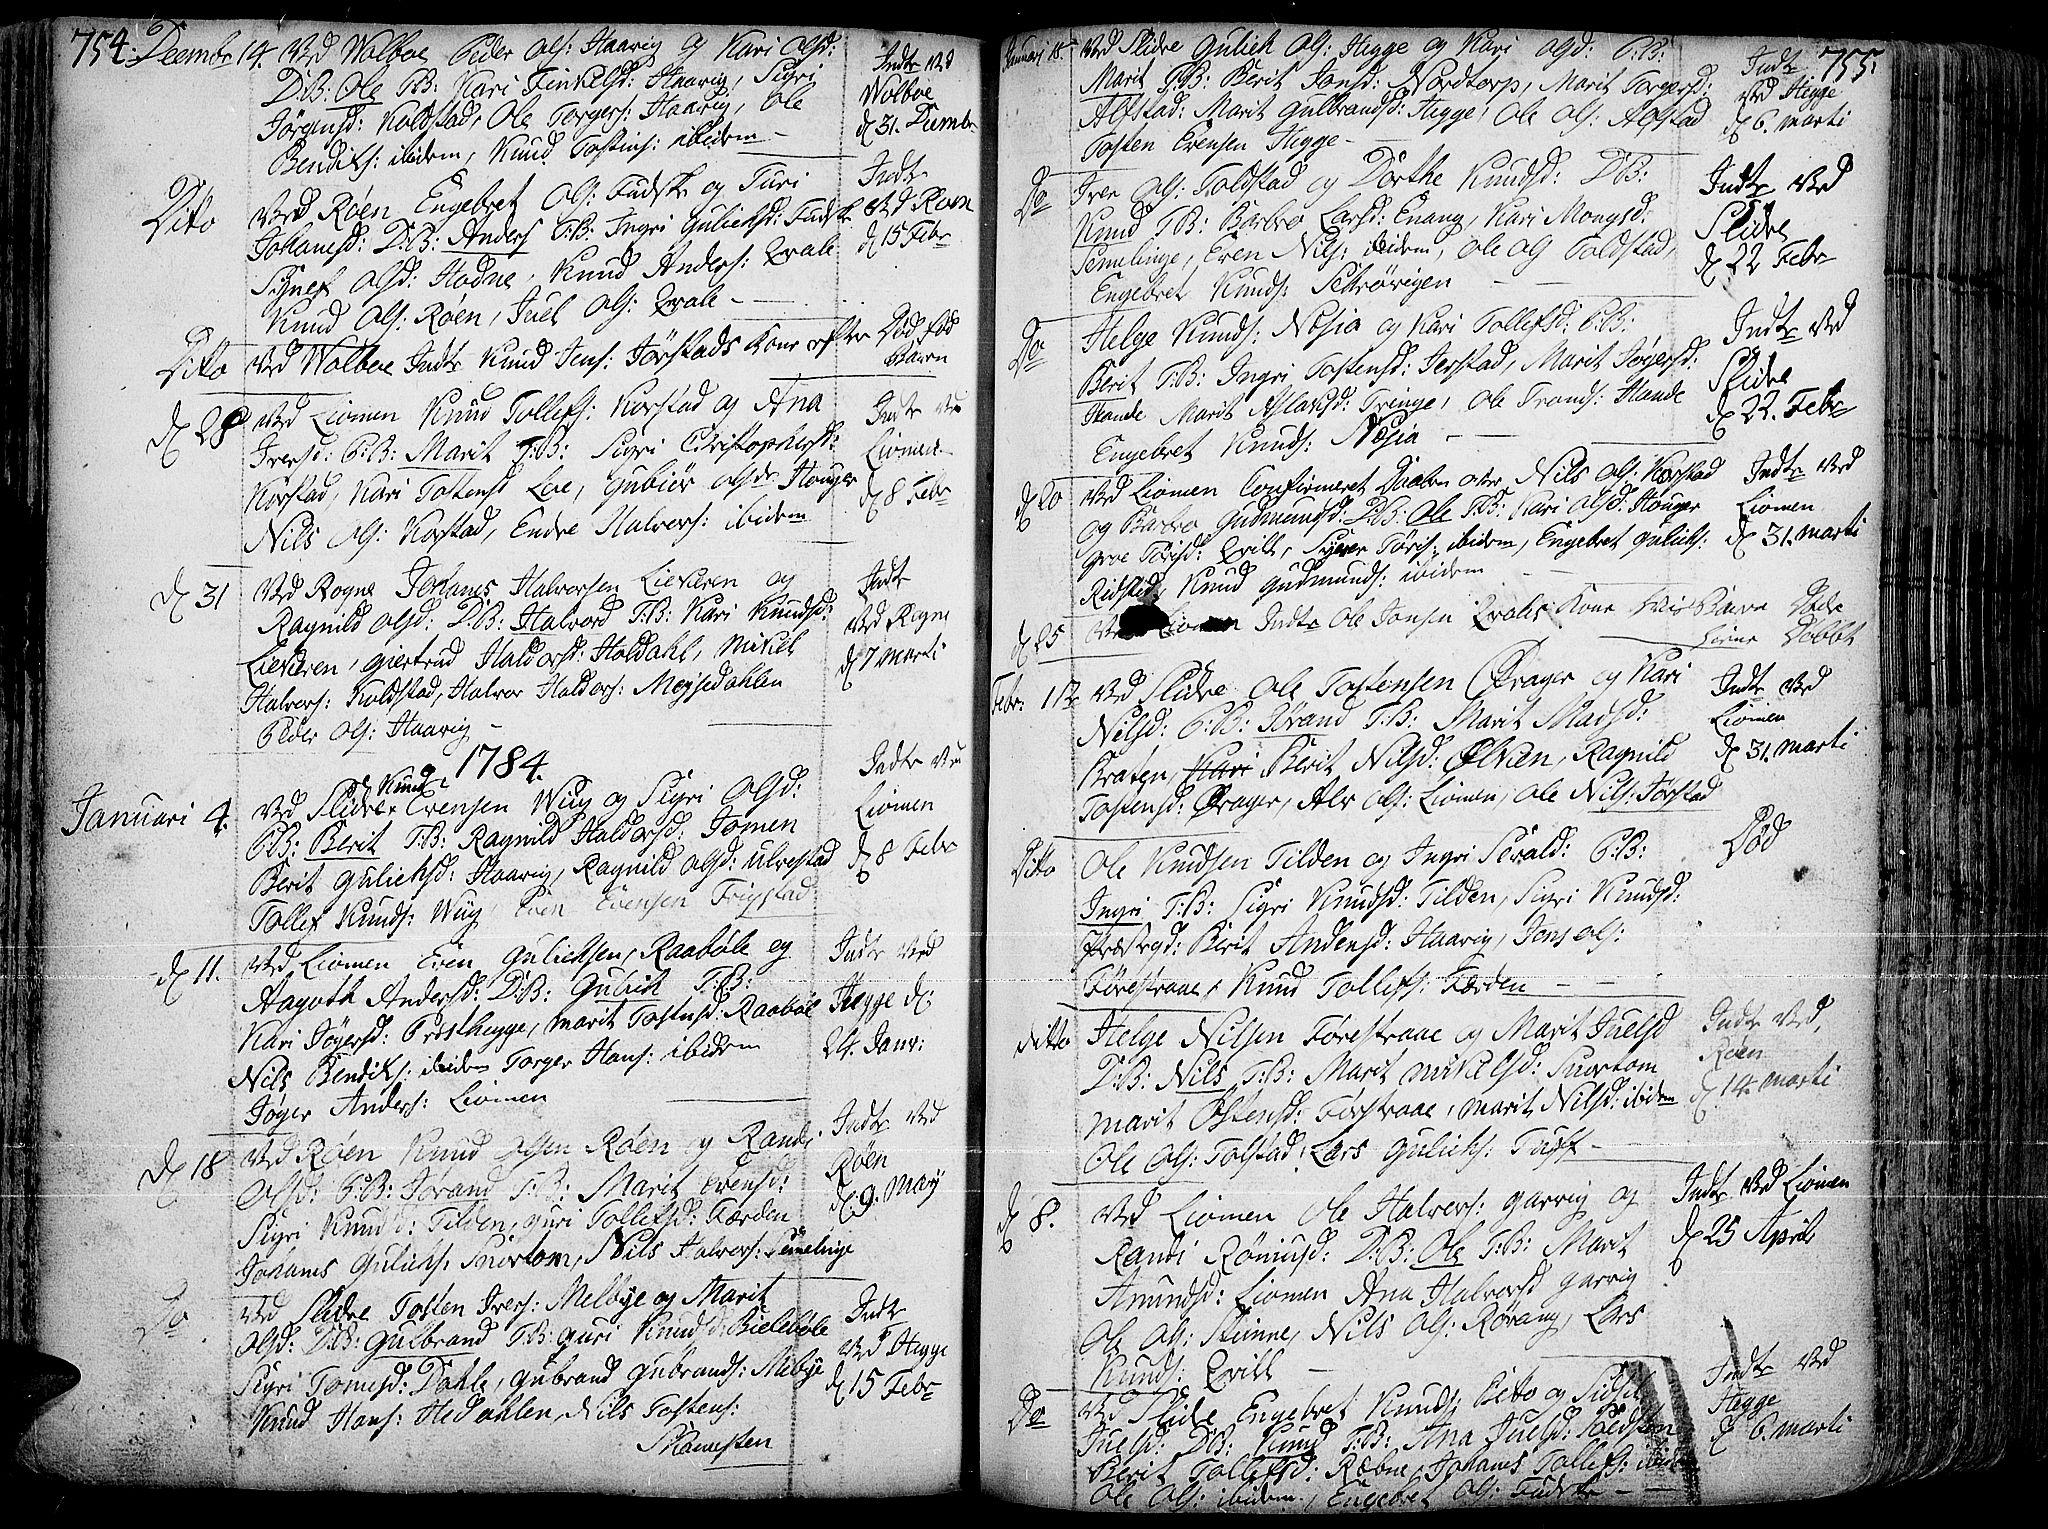 SAH, Slidre prestekontor, Ministerialbok nr. 1, 1724-1814, s. 754-755